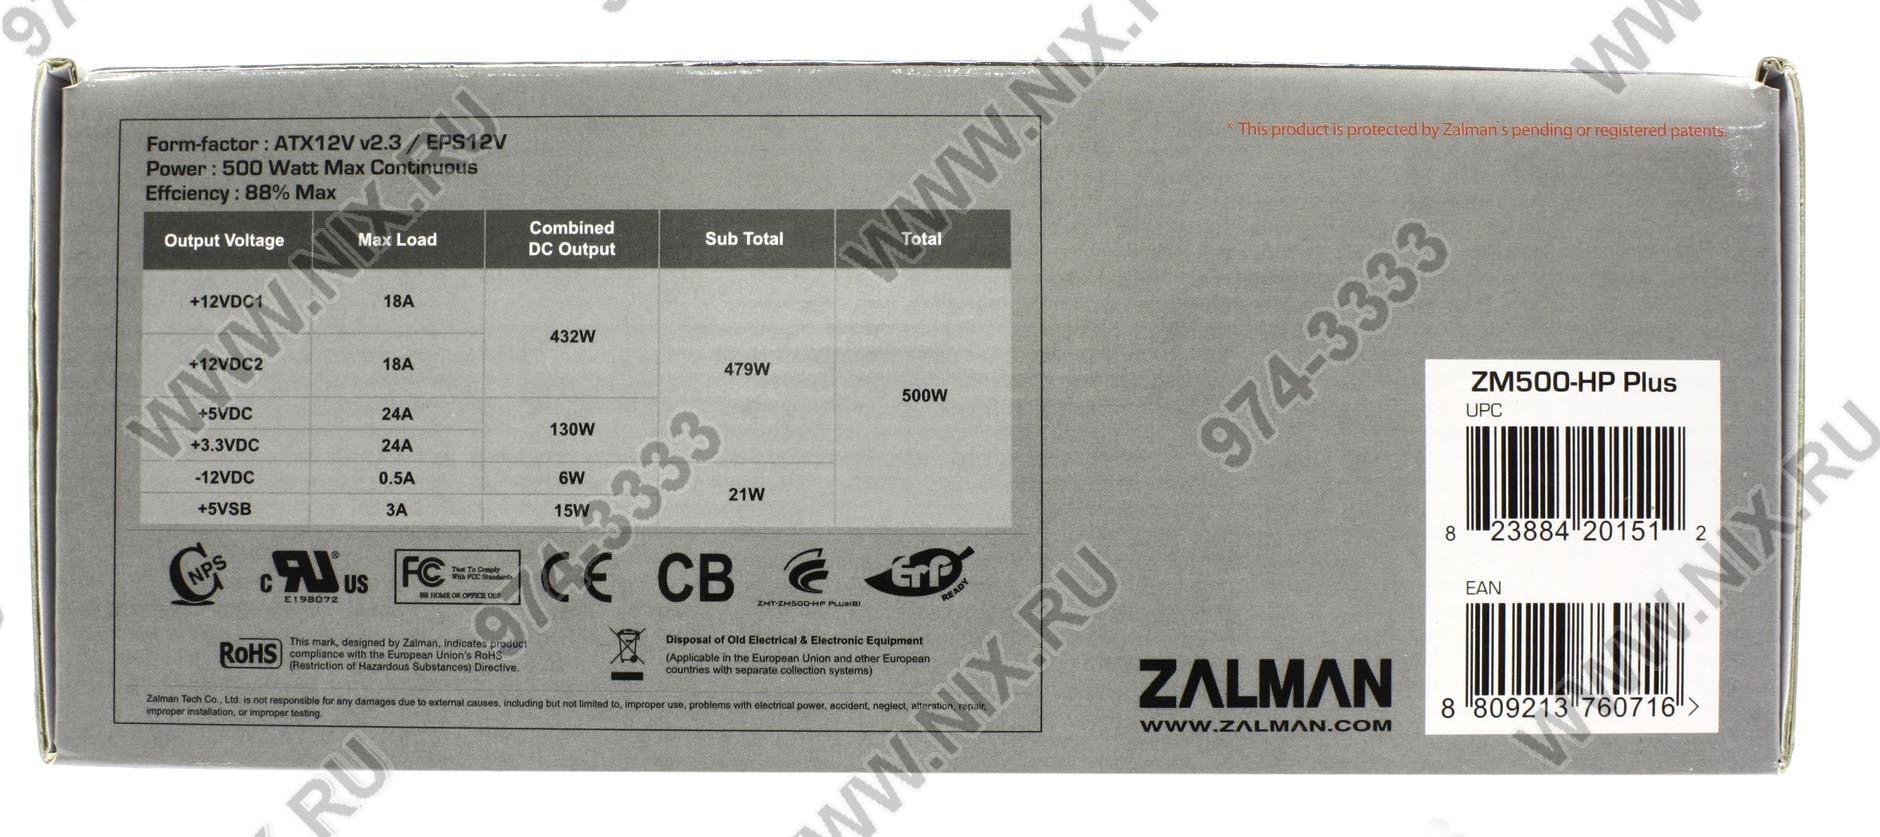 Zalman